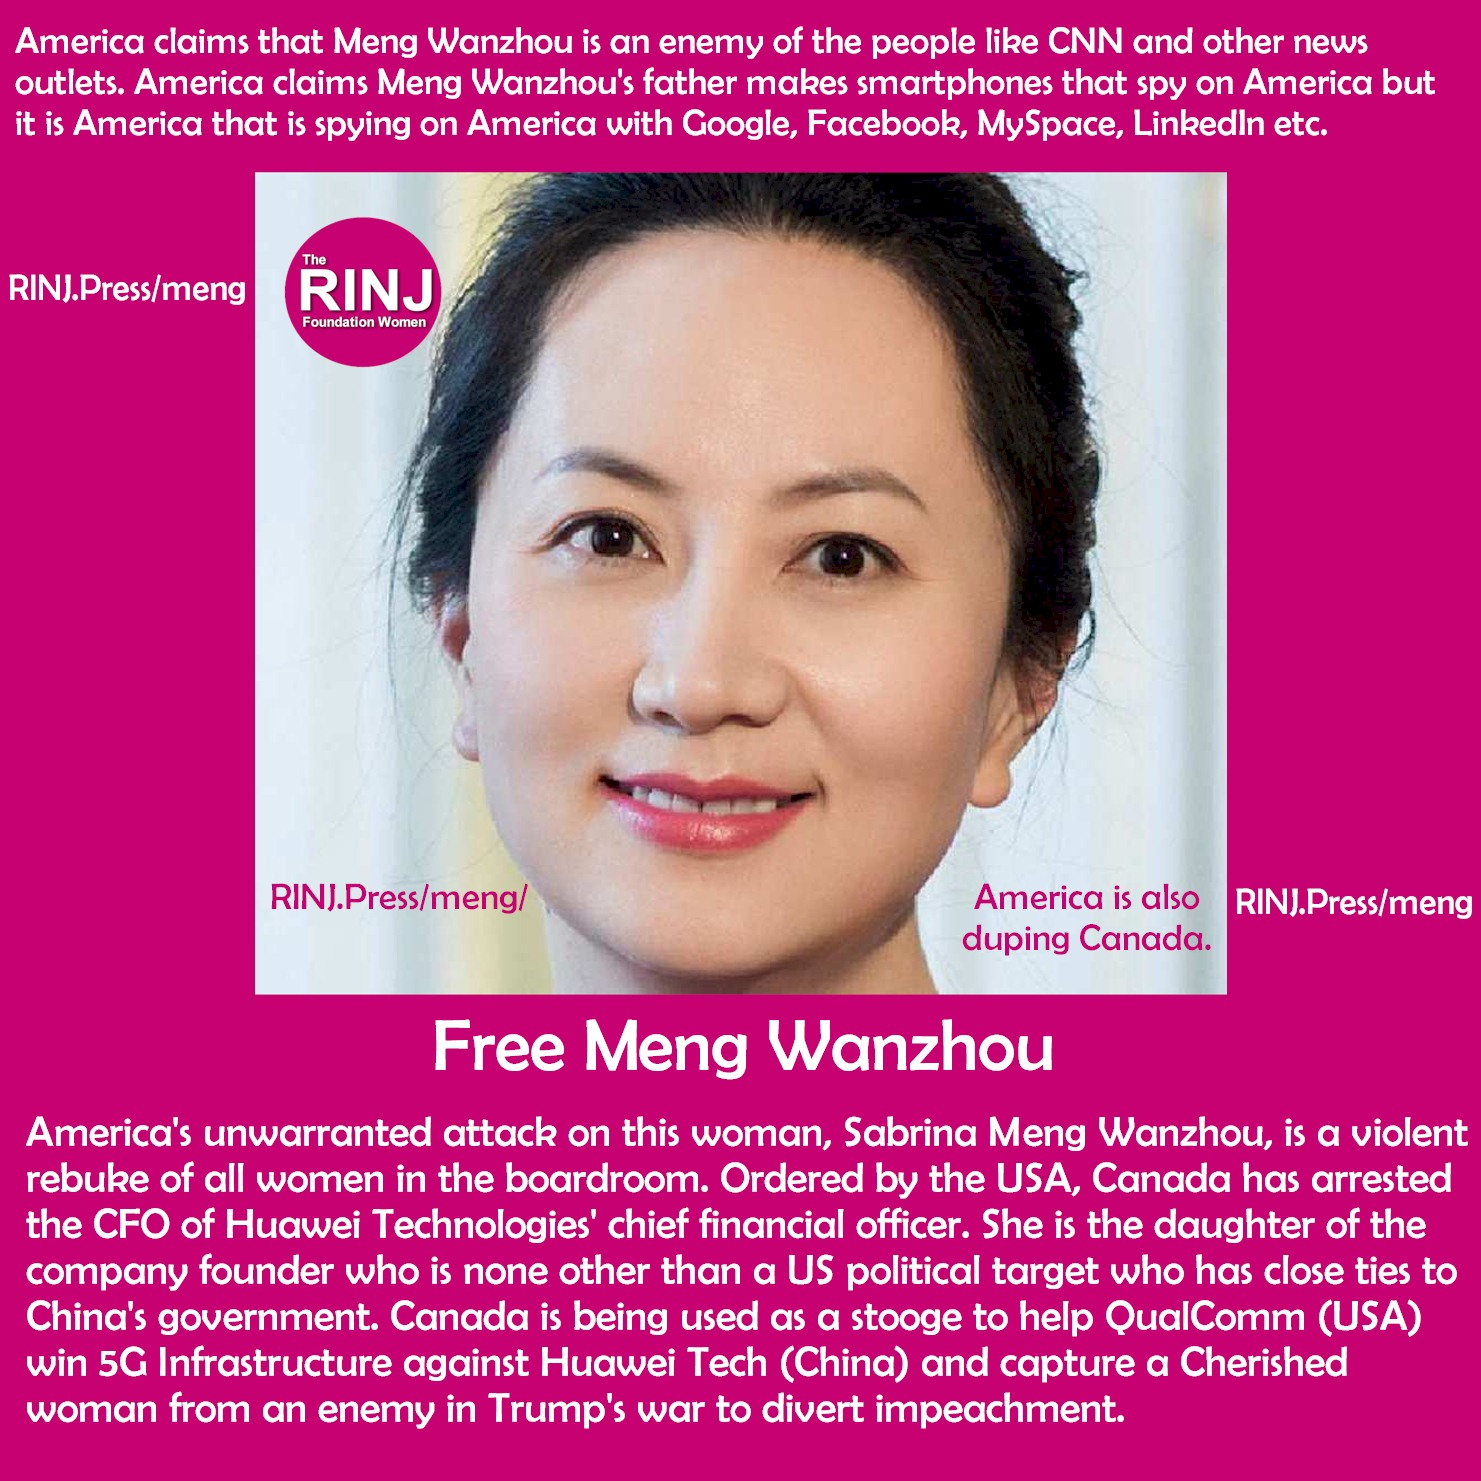 Free Meng Wanzhou